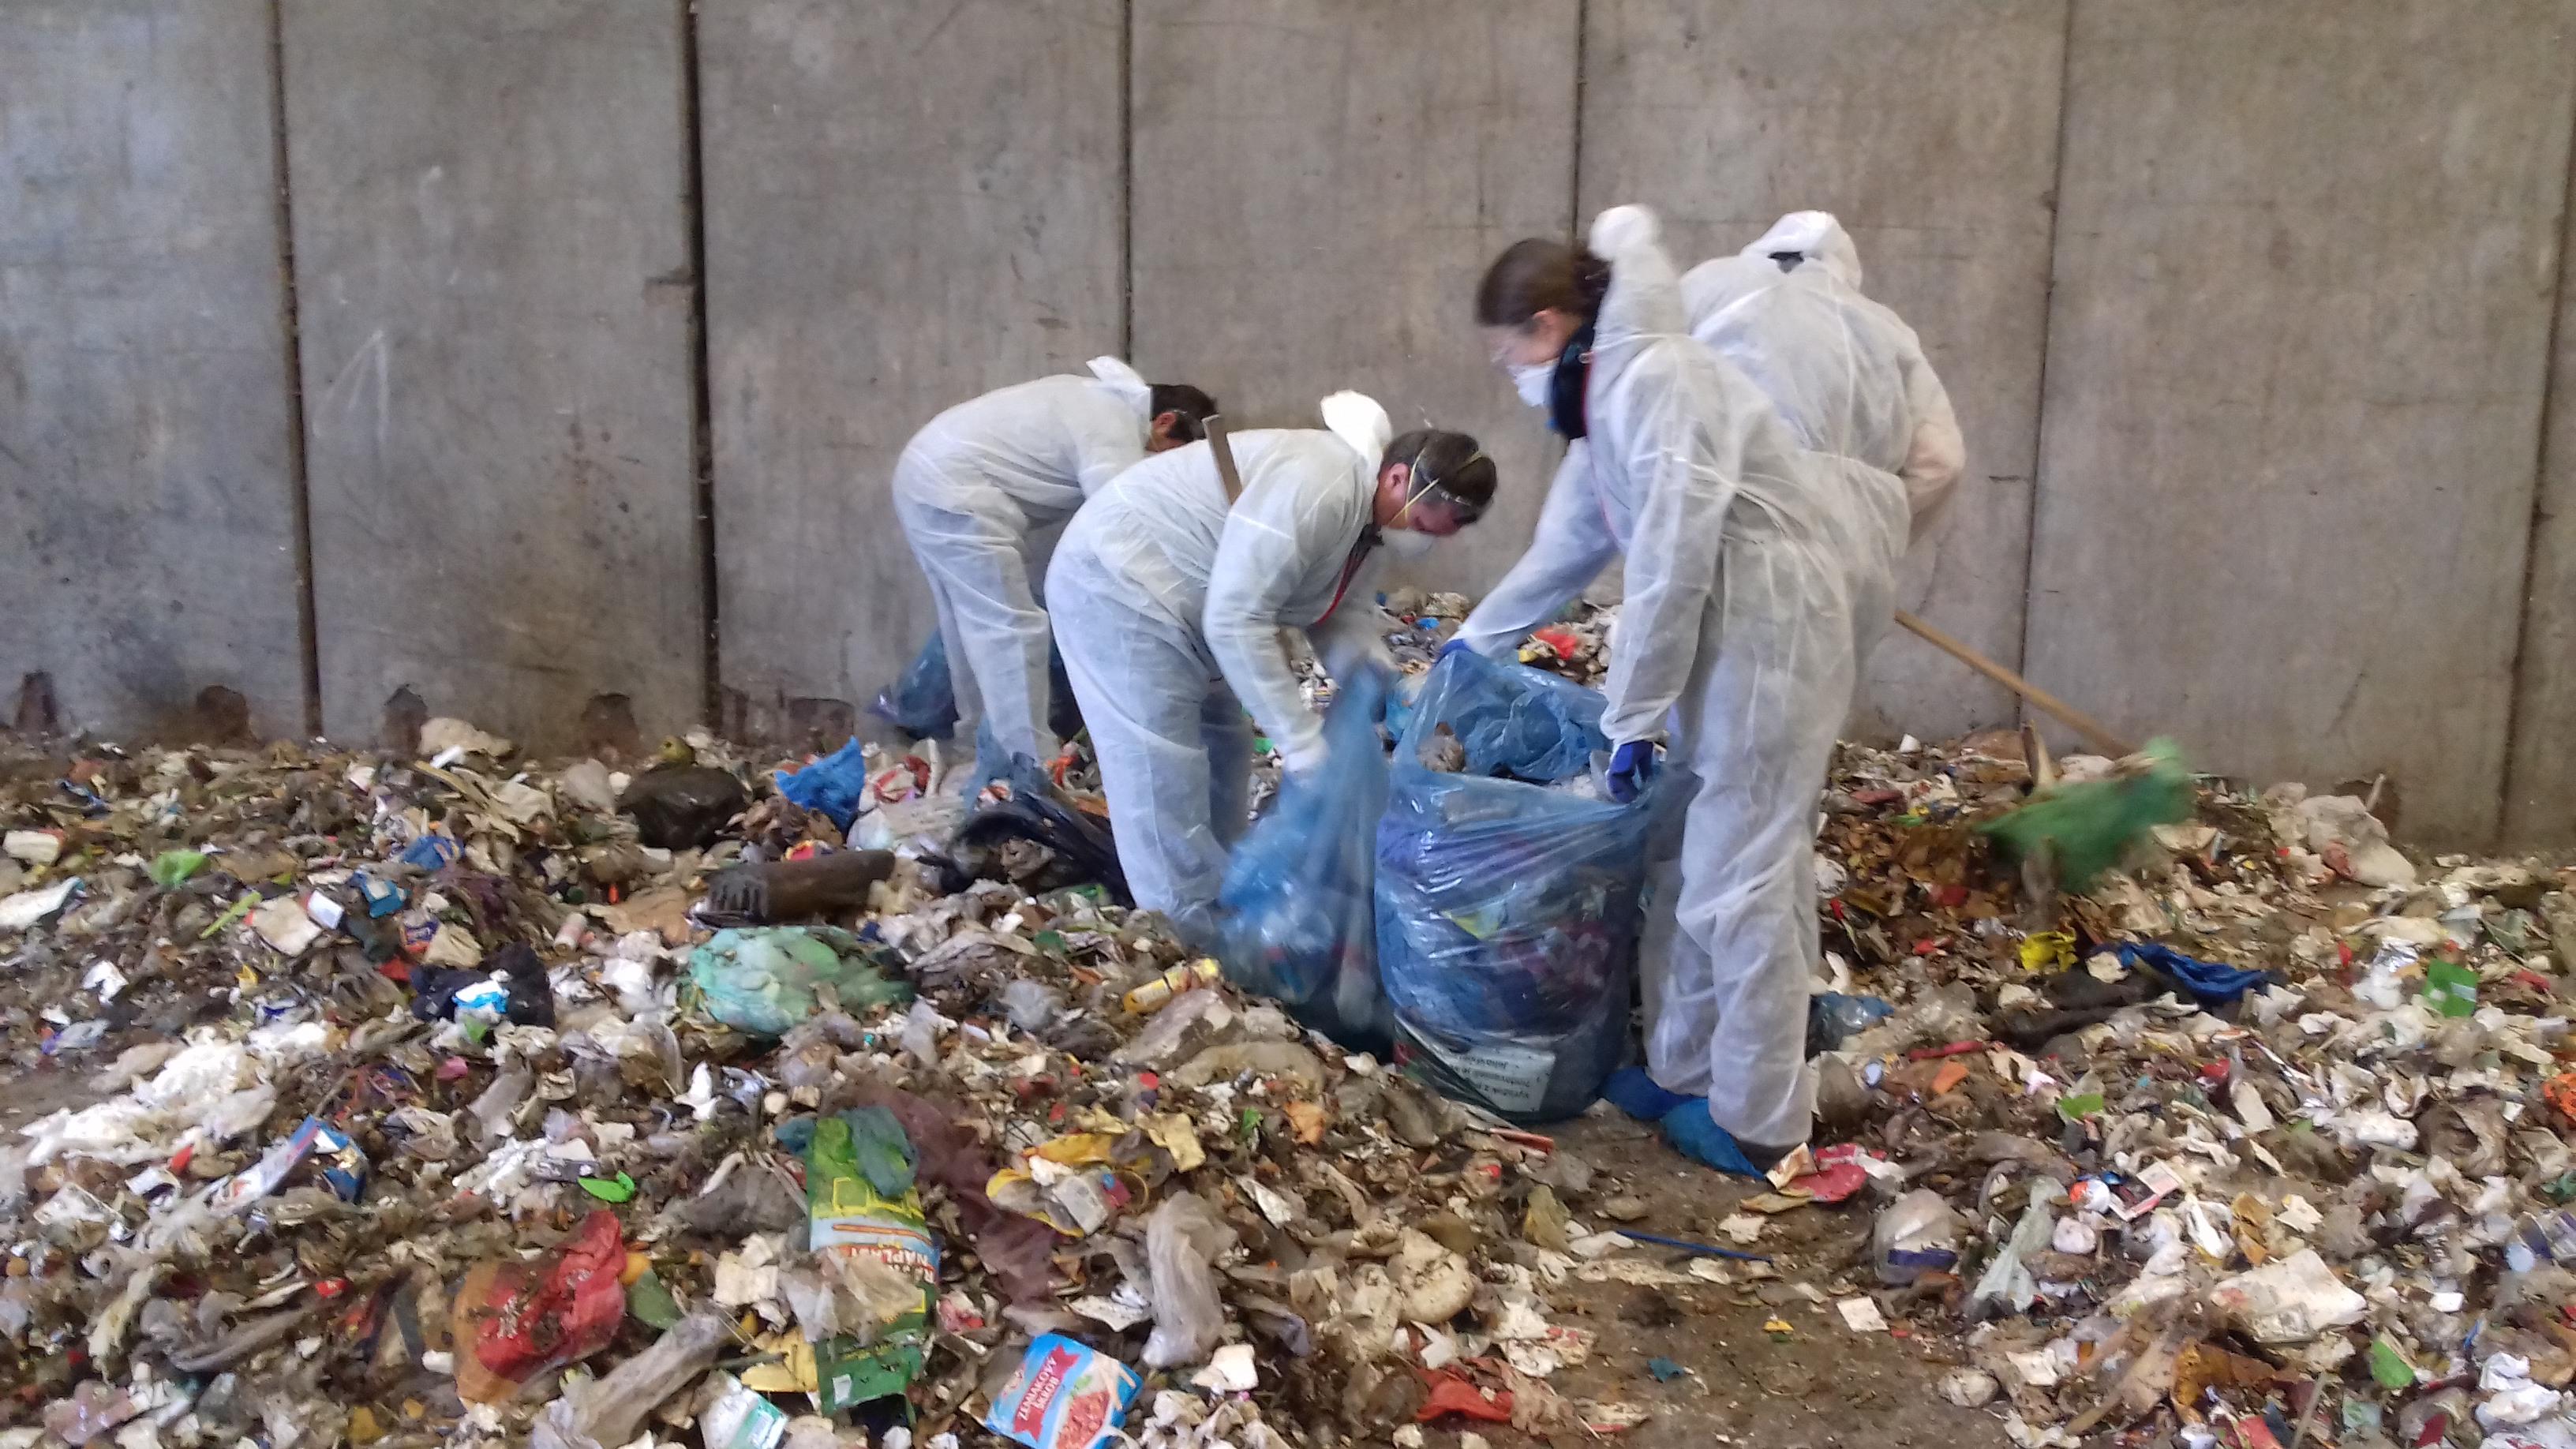 Pozreli sme sa, aká časť zmesového odpadu by sa ešte dala zrecyklovať. Výsledky sú zahanbujúce